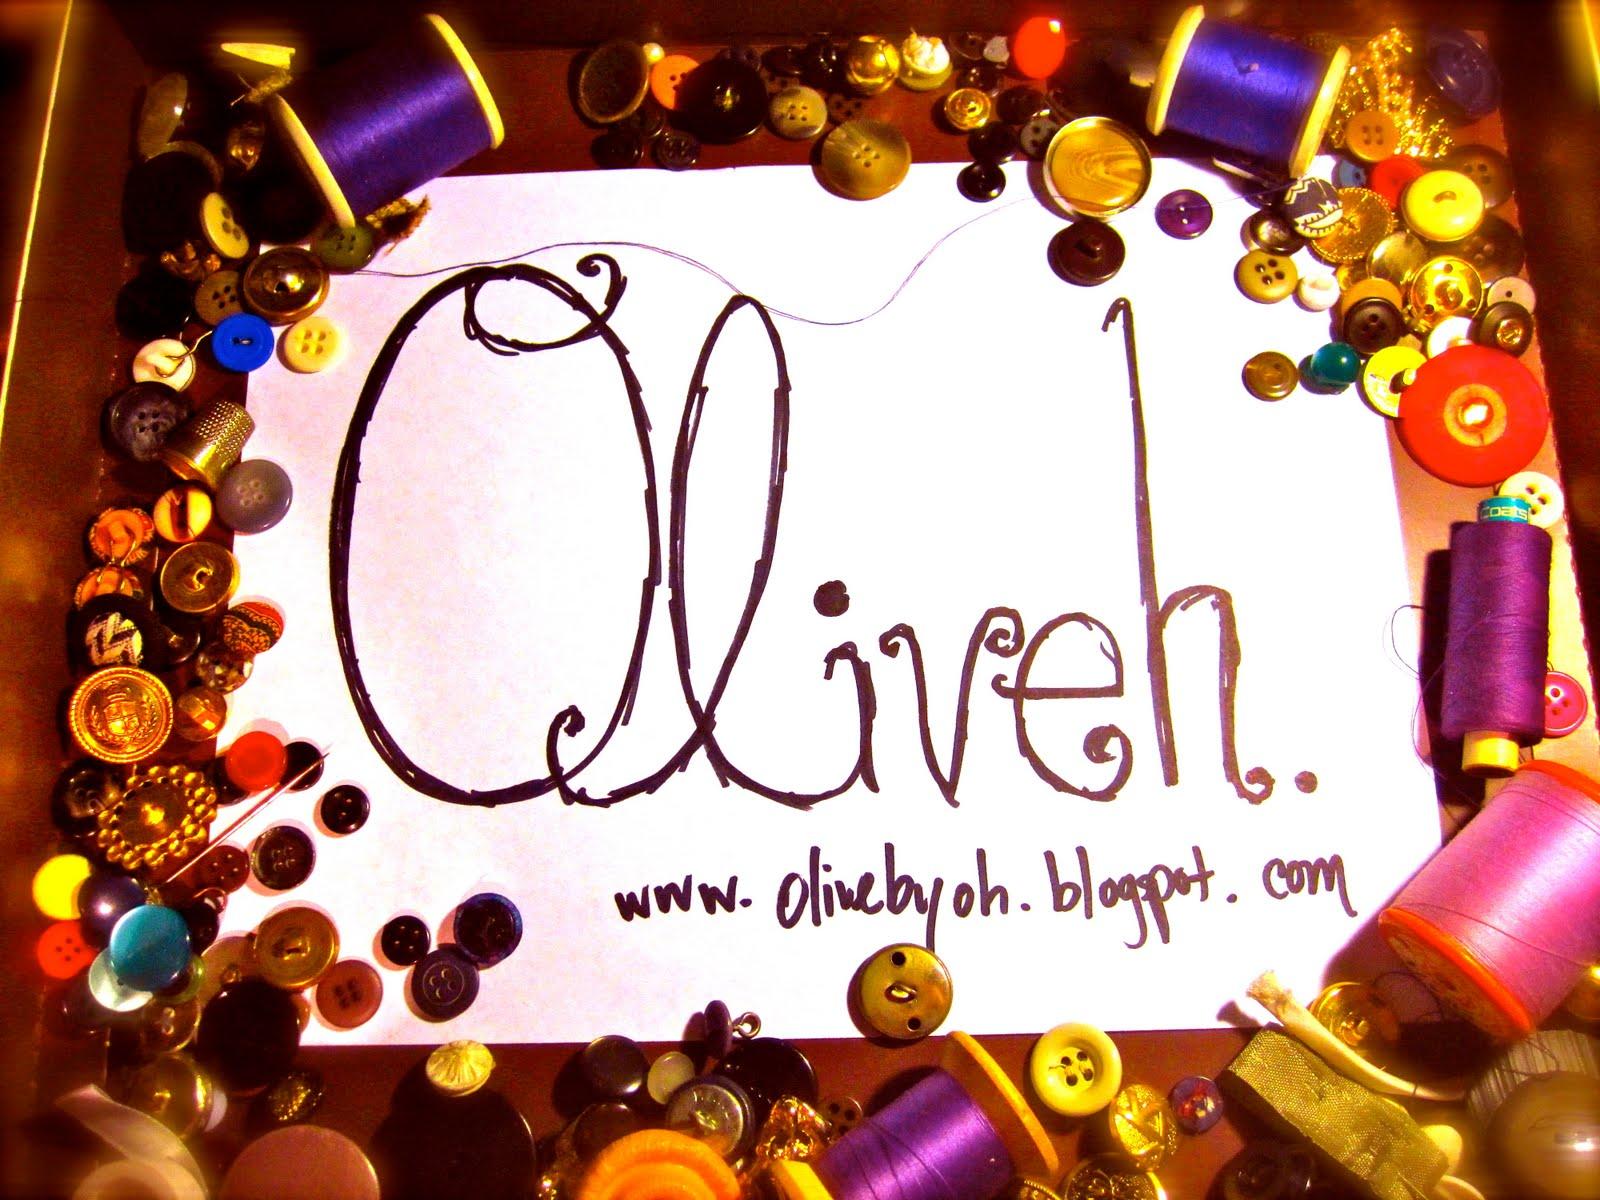 Oliveh.